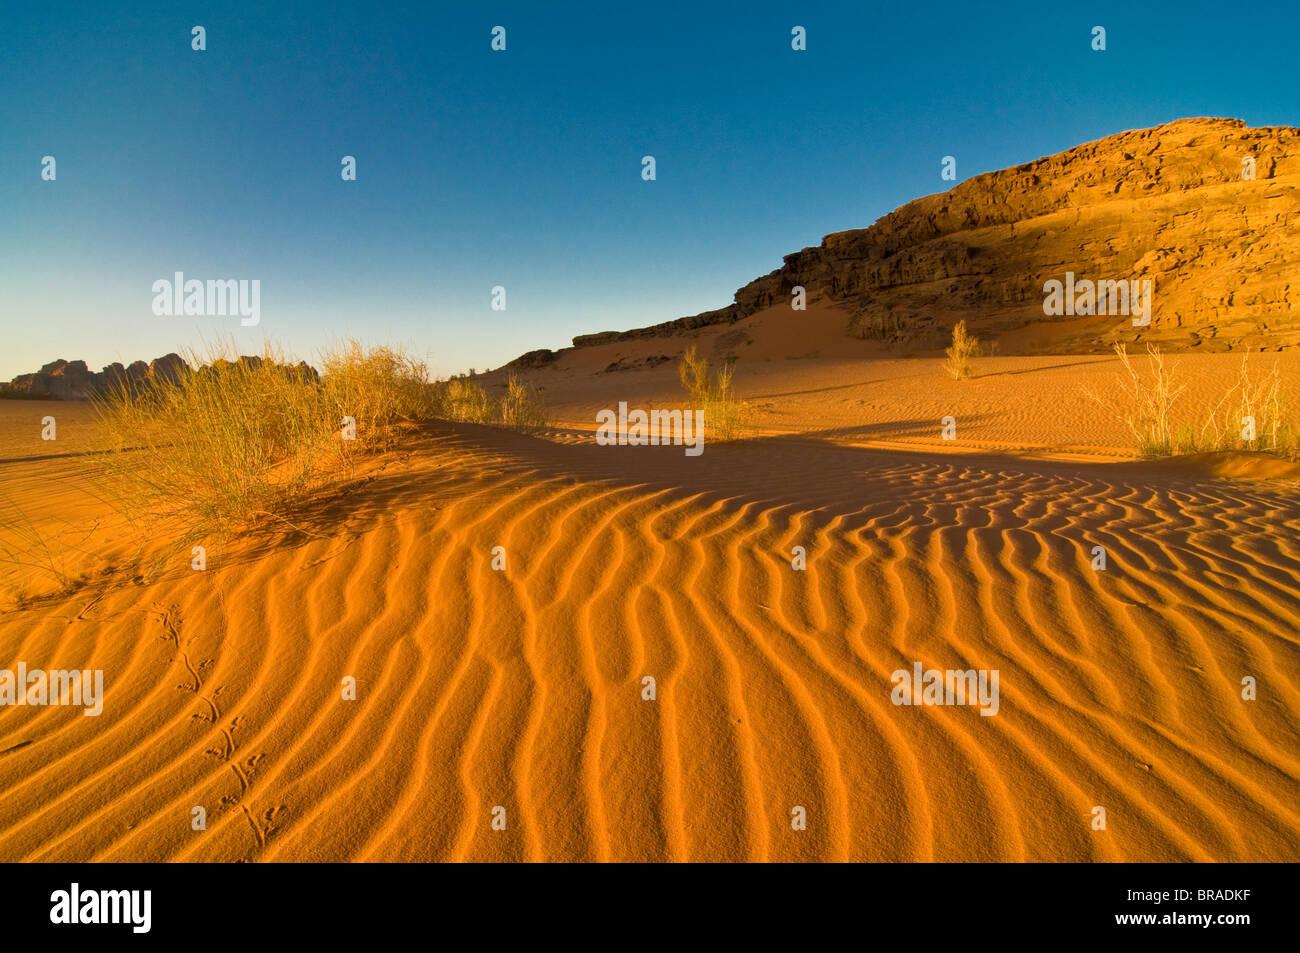 A deslumbrante paisagem do deserto de Wadi Rum, Jordânia, Oriente Médio Imagens de Stock